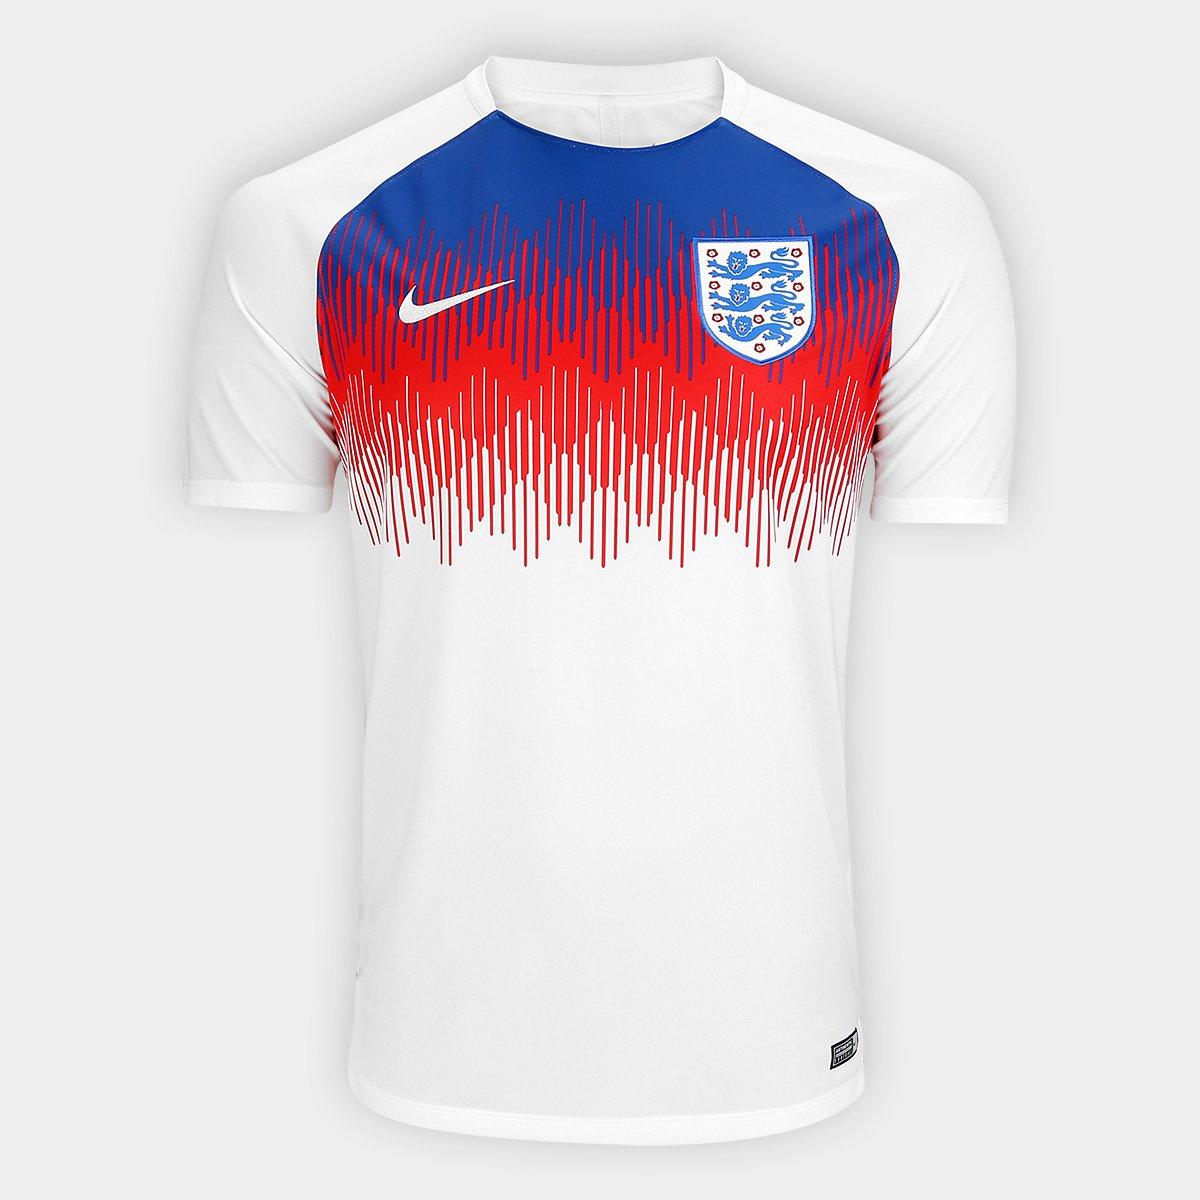 5fe84972e642a Camisa Seleção Inglaterra Dry Squad Nike Masculina - Compre Agora ...